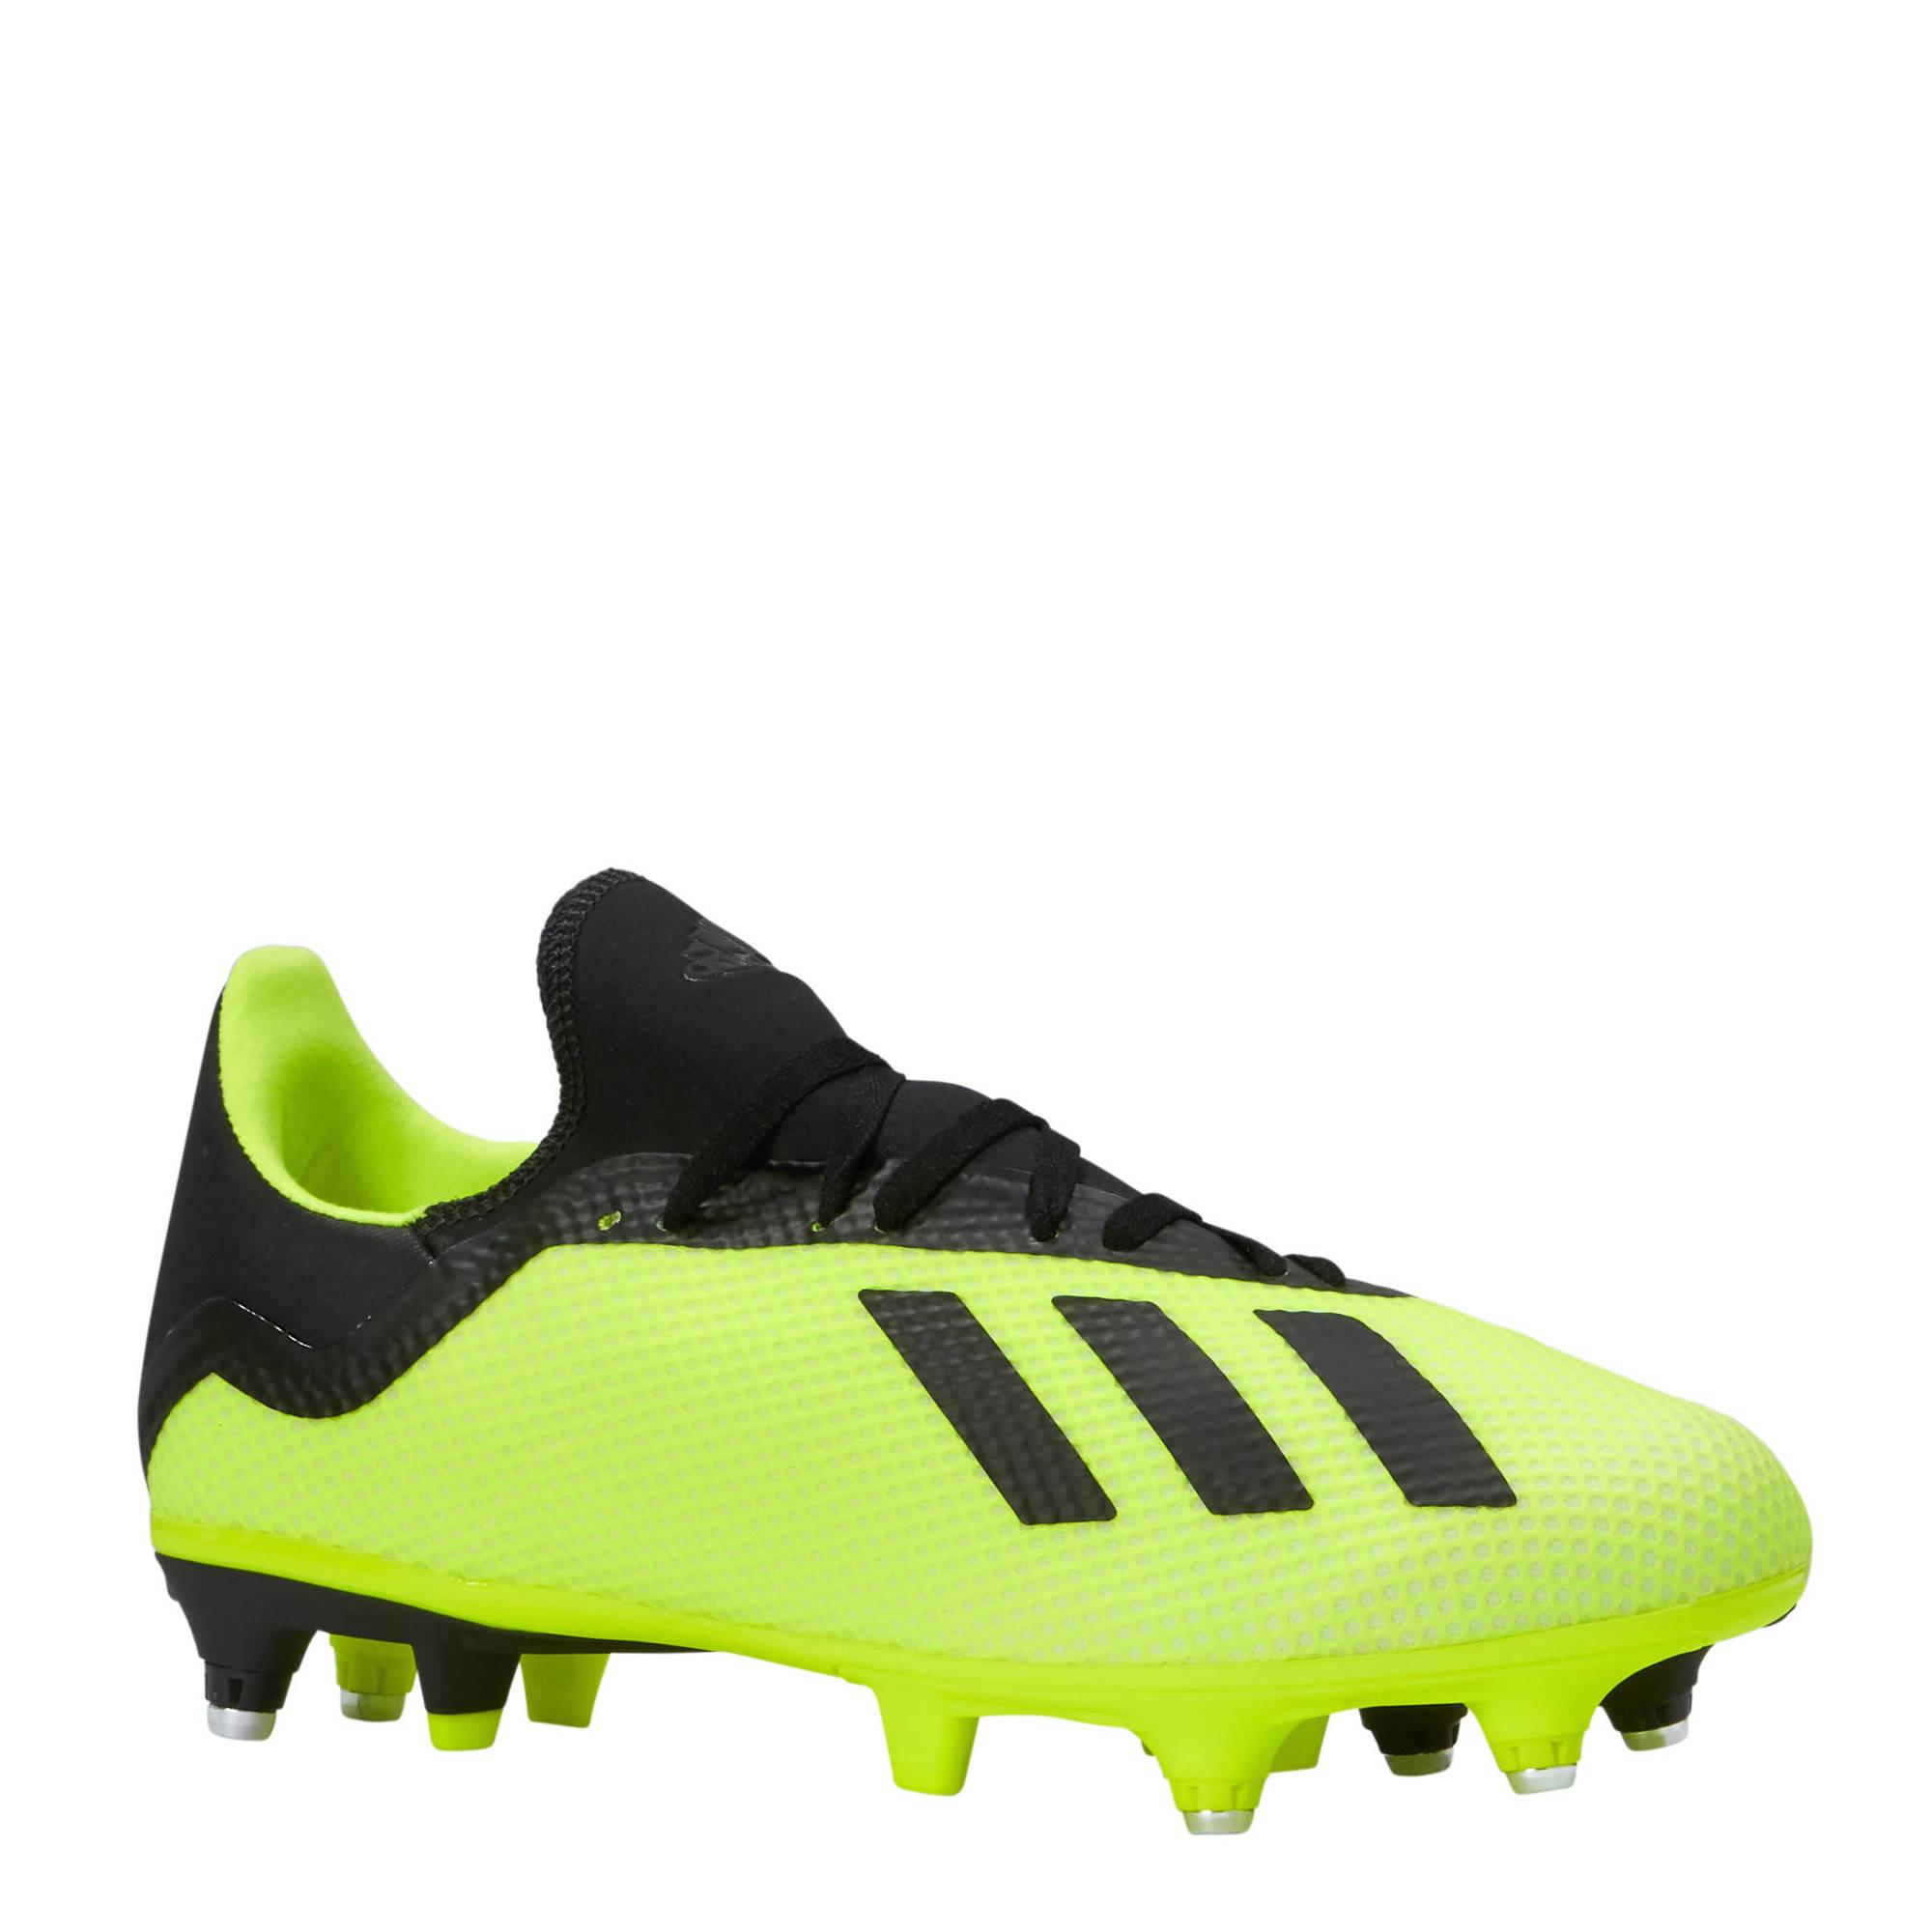 Adidas performance X 18.3 SG voetbalschoenen voor €16,15 @ Wehkamp